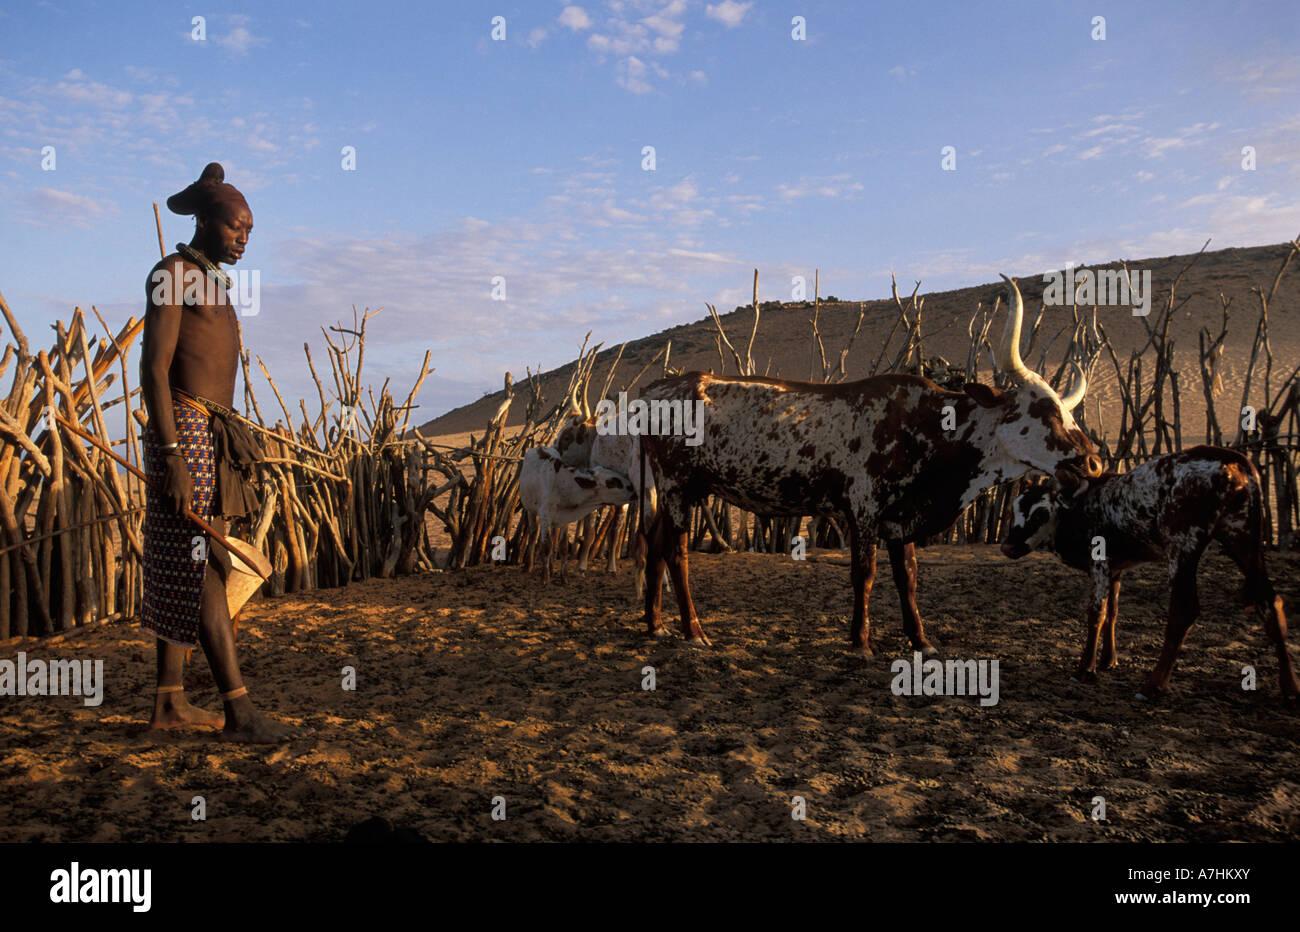 Himba man milking cattle, Kunene region, Kaokoland, Namibia - Stock Image